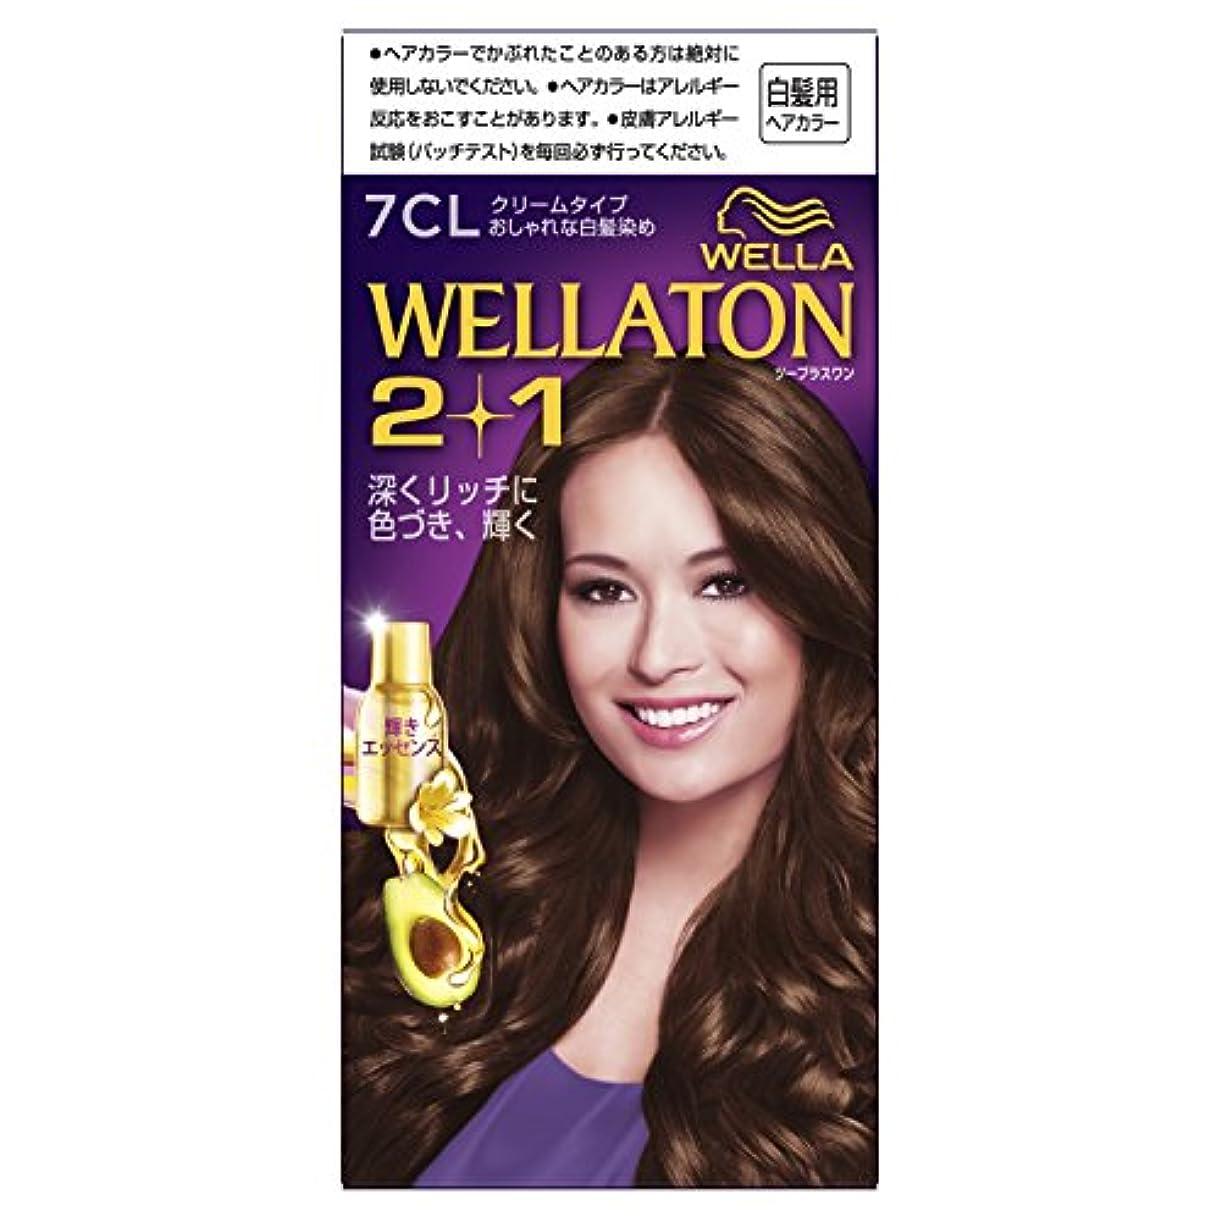 振るイタリック絶え間ないウエラトーン2+1 クリームタイプ 7CL [医薬部外品](おしゃれな白髪染め)